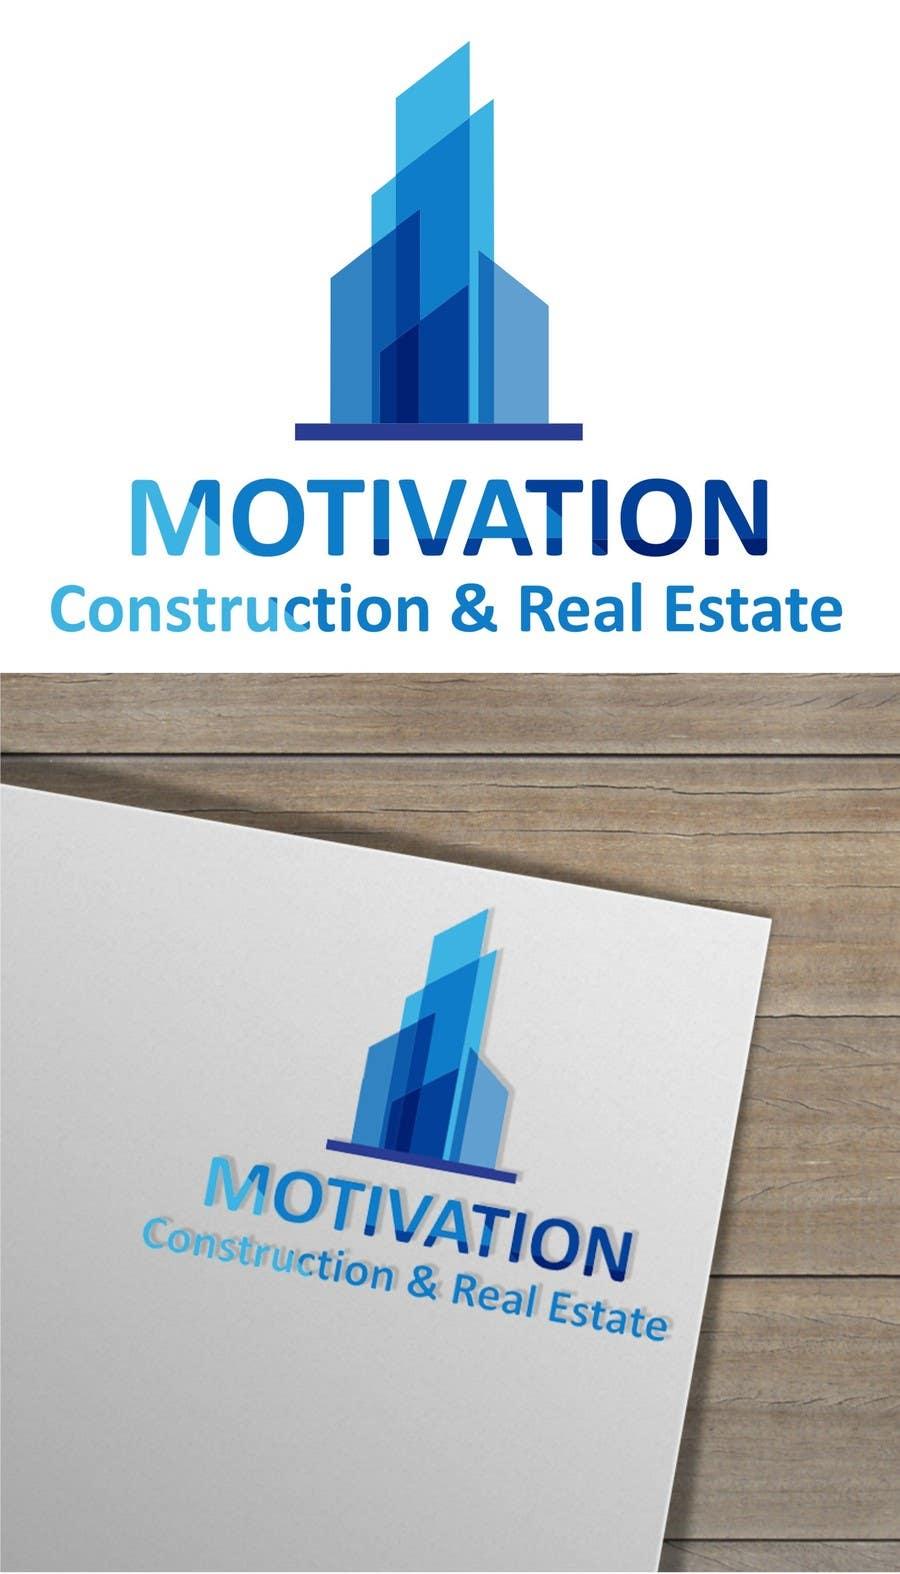 Konkurrenceindlæg #                                        8                                      for                                         Design a Logo for Construction & Real Estate